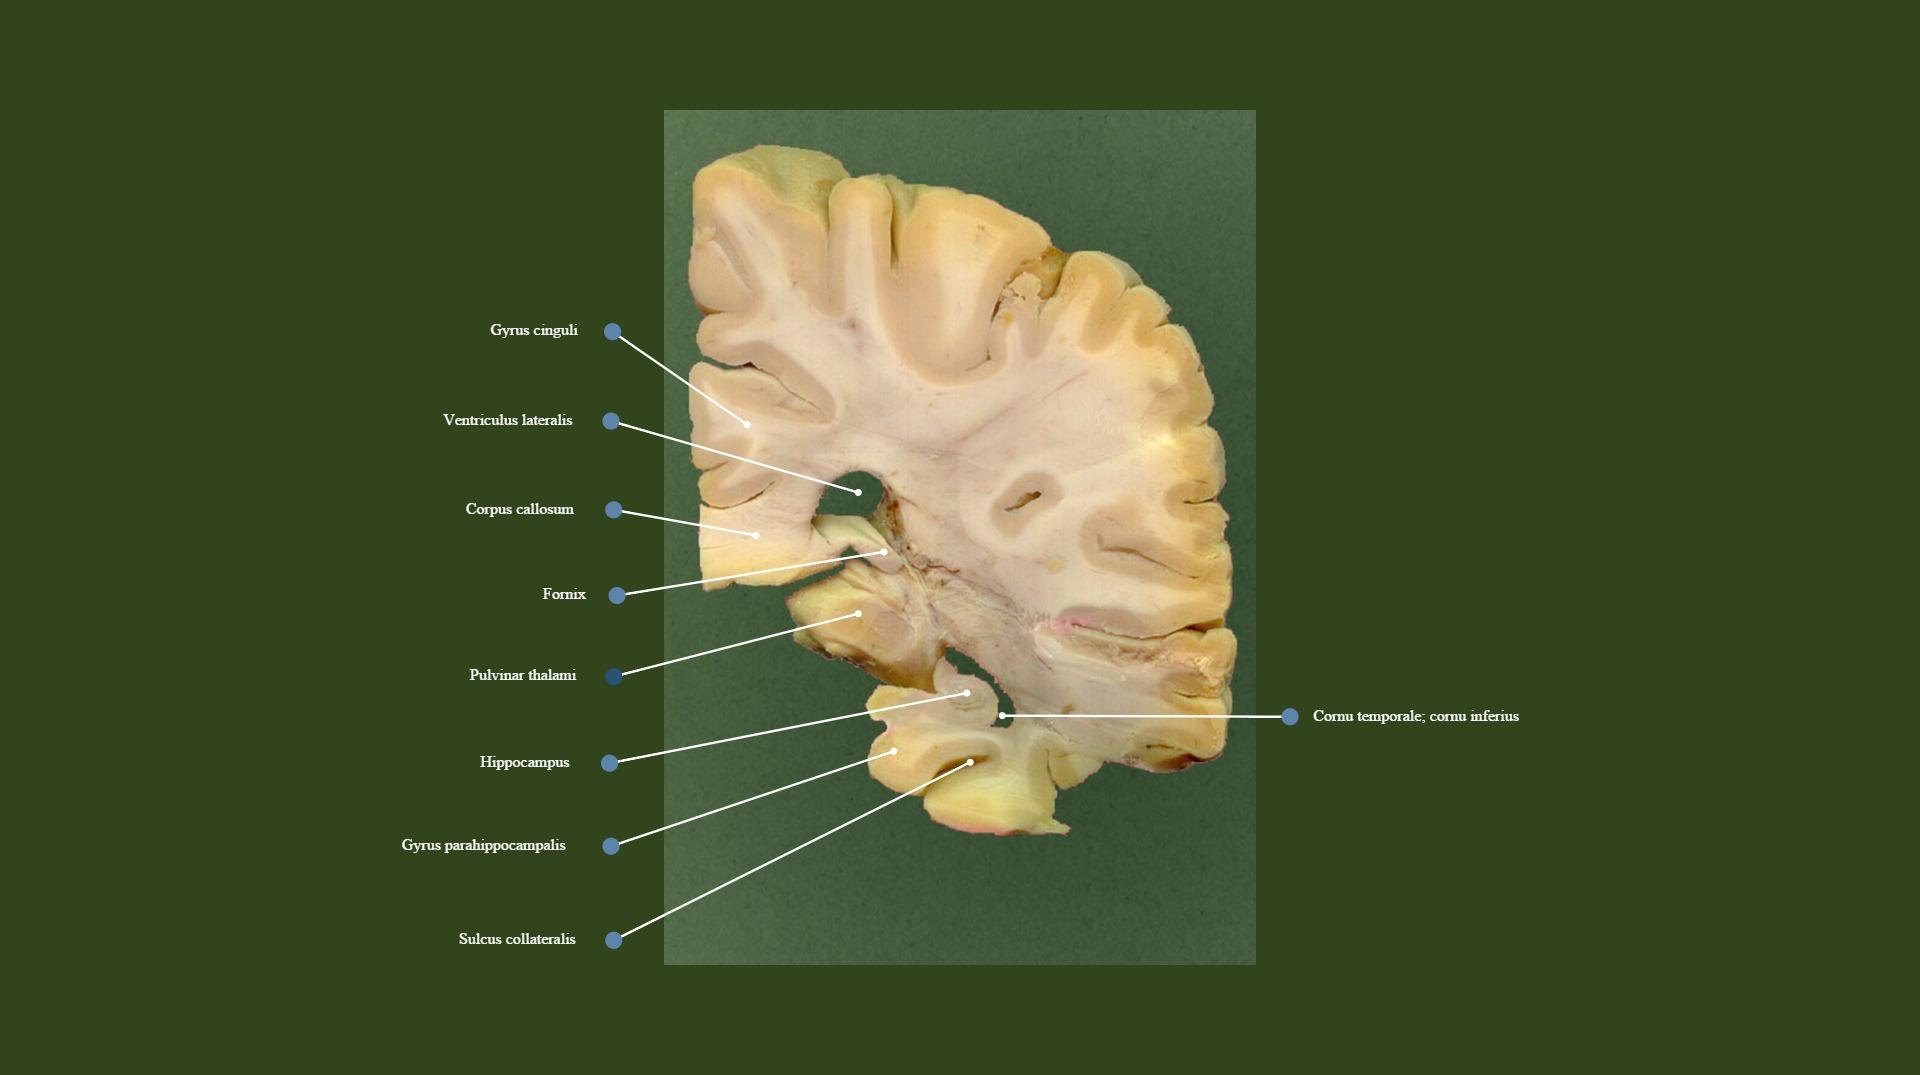 Splenium of corpus callosum